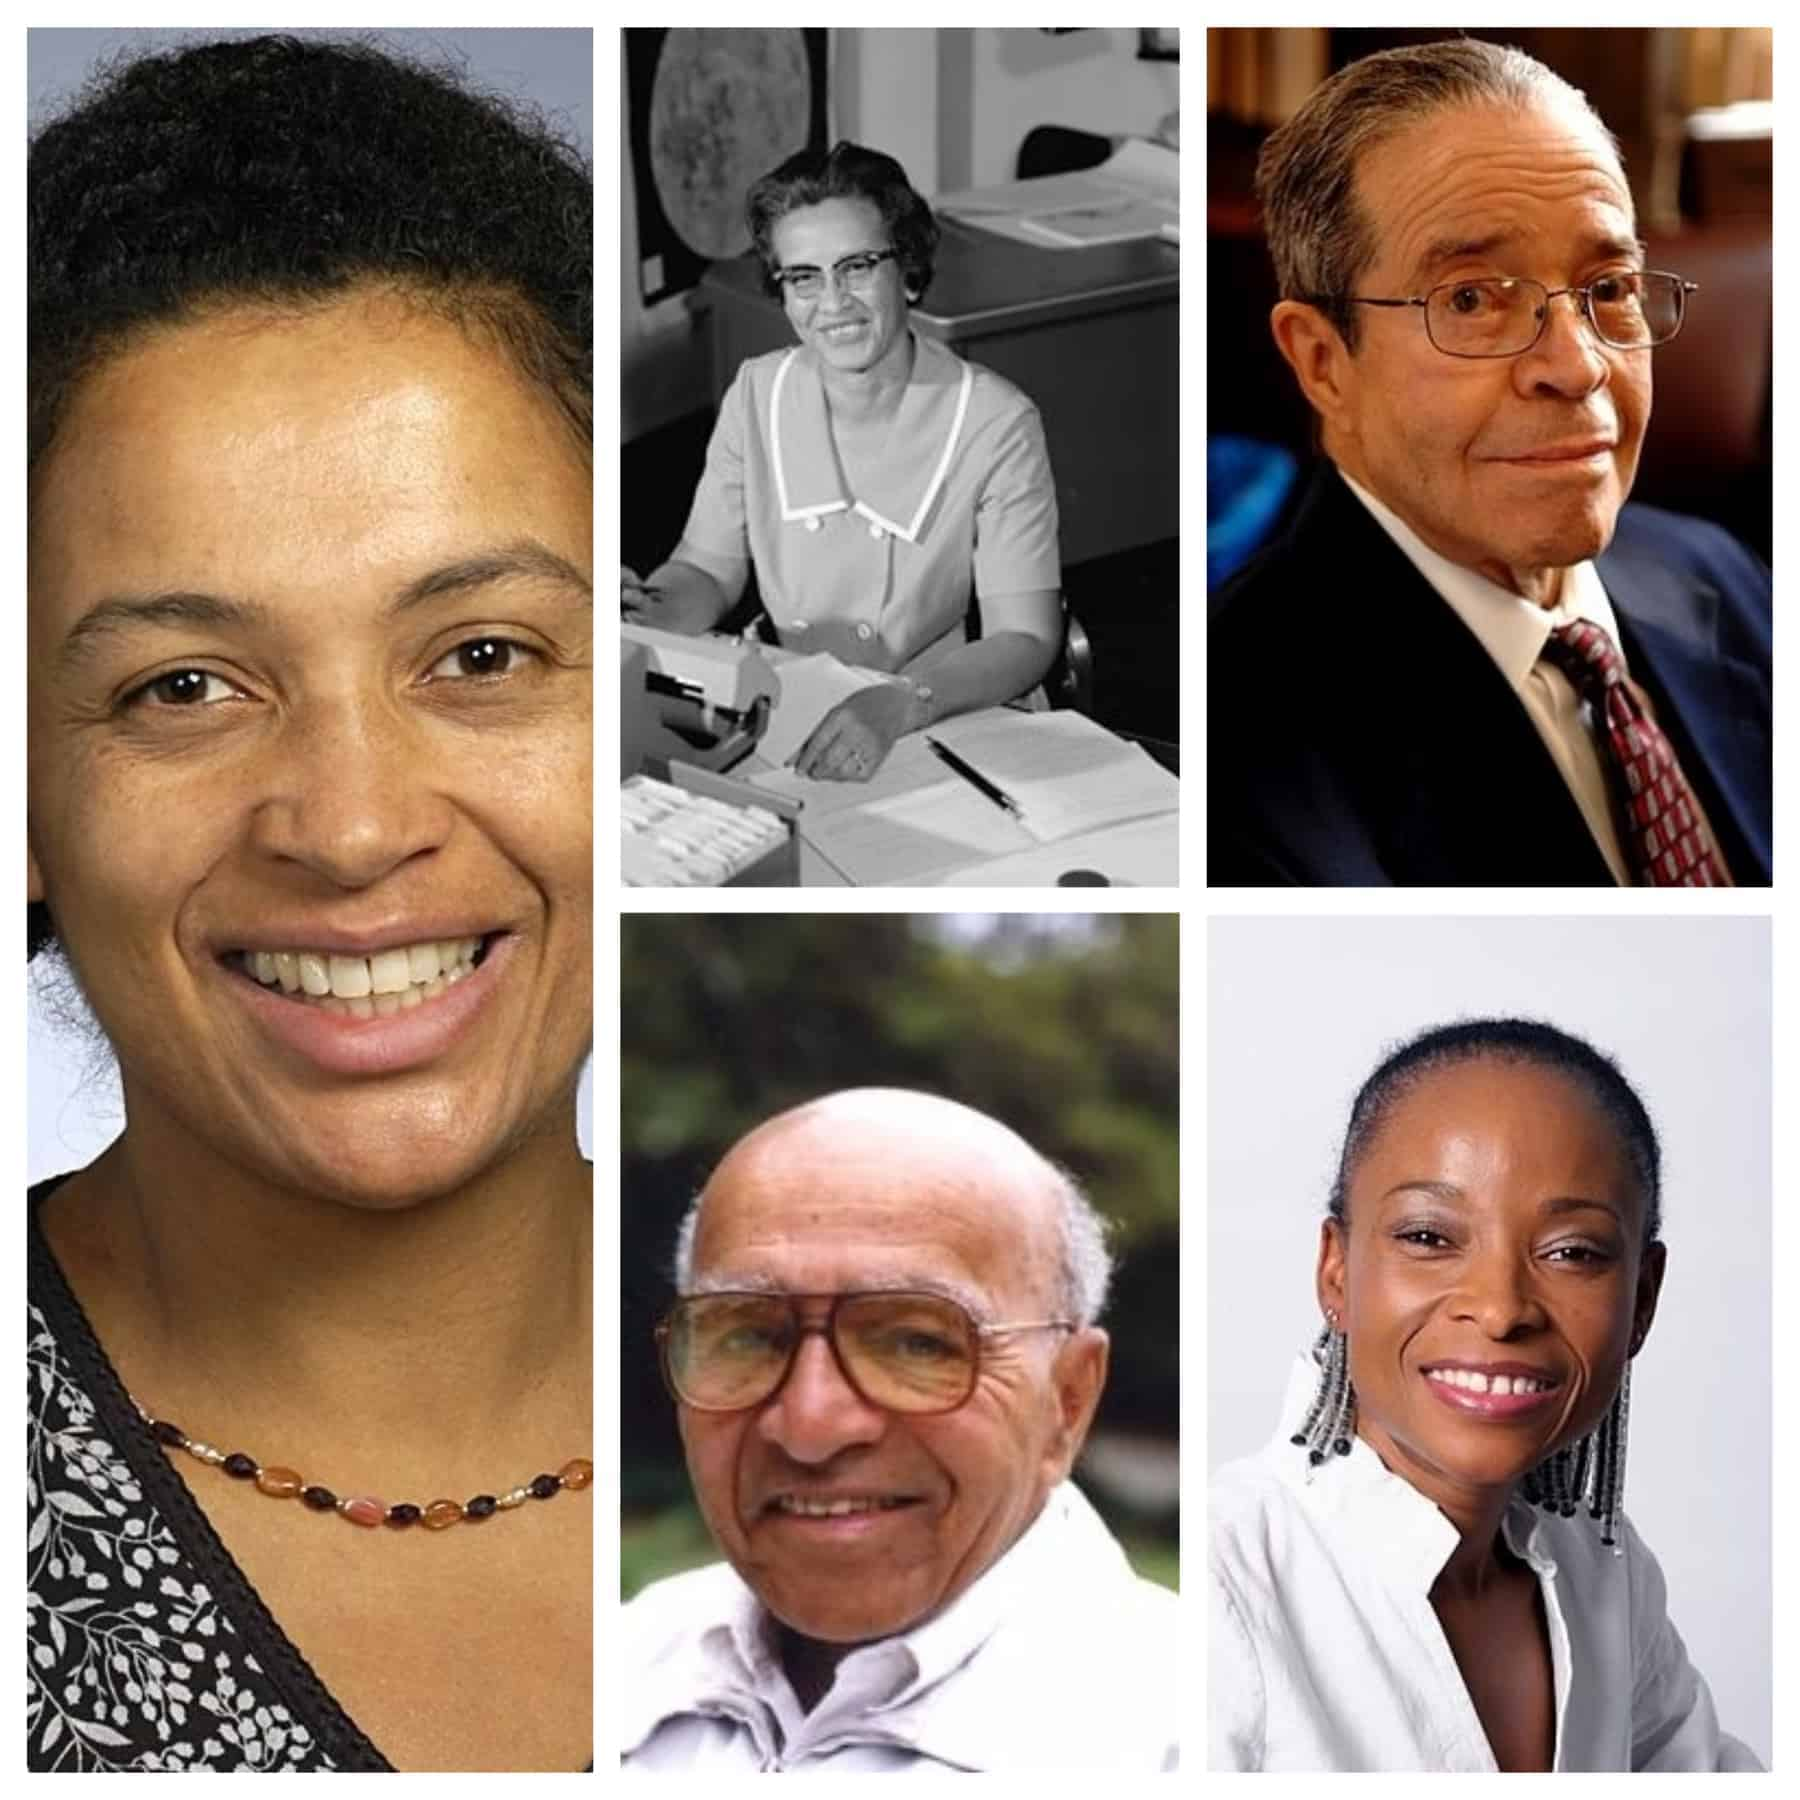 Five famous black mathematicians